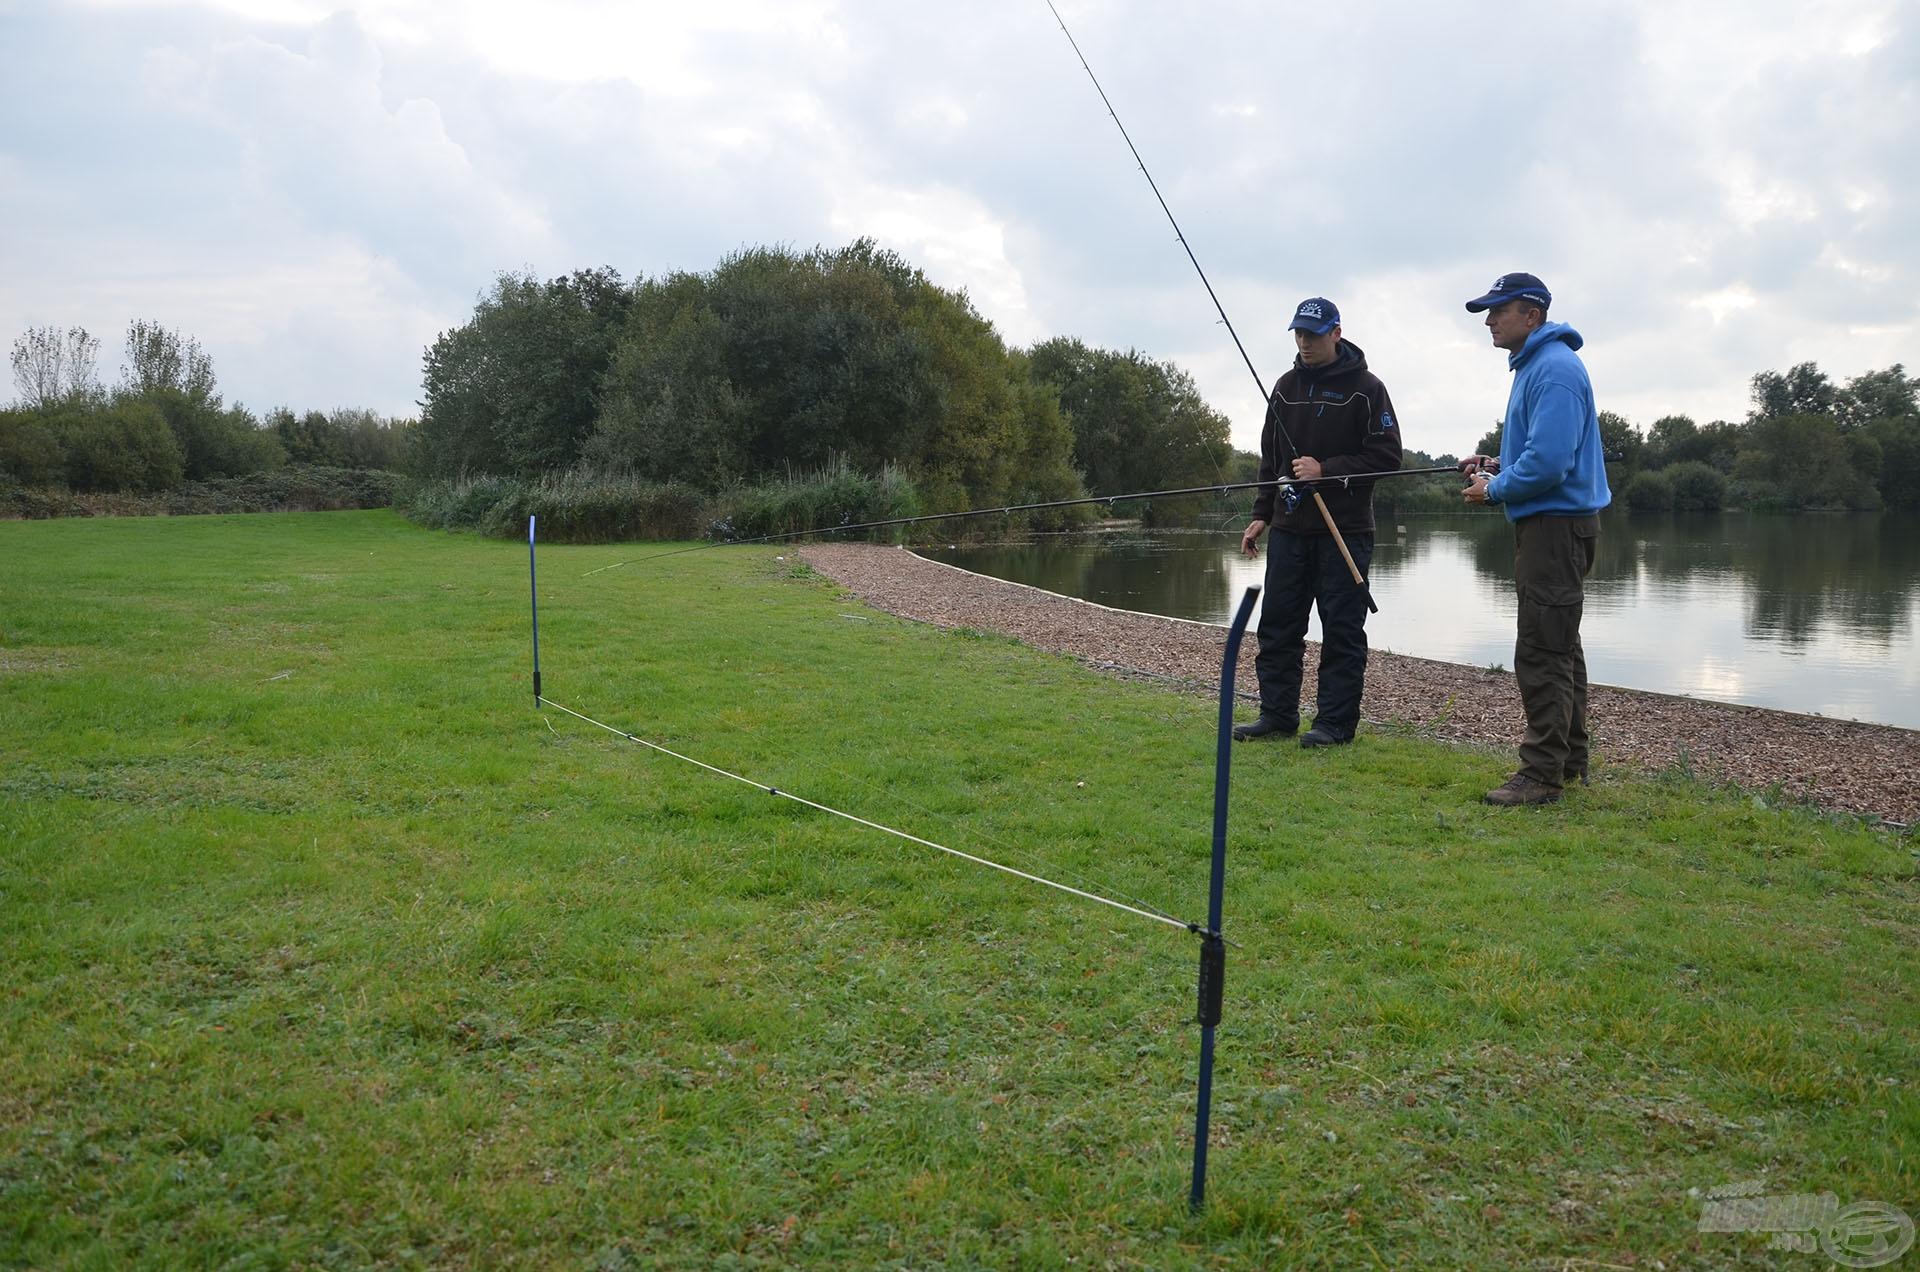 A horgászat megkezdése előtt pontosan kimértük a távolságot, amely 48 méter volt